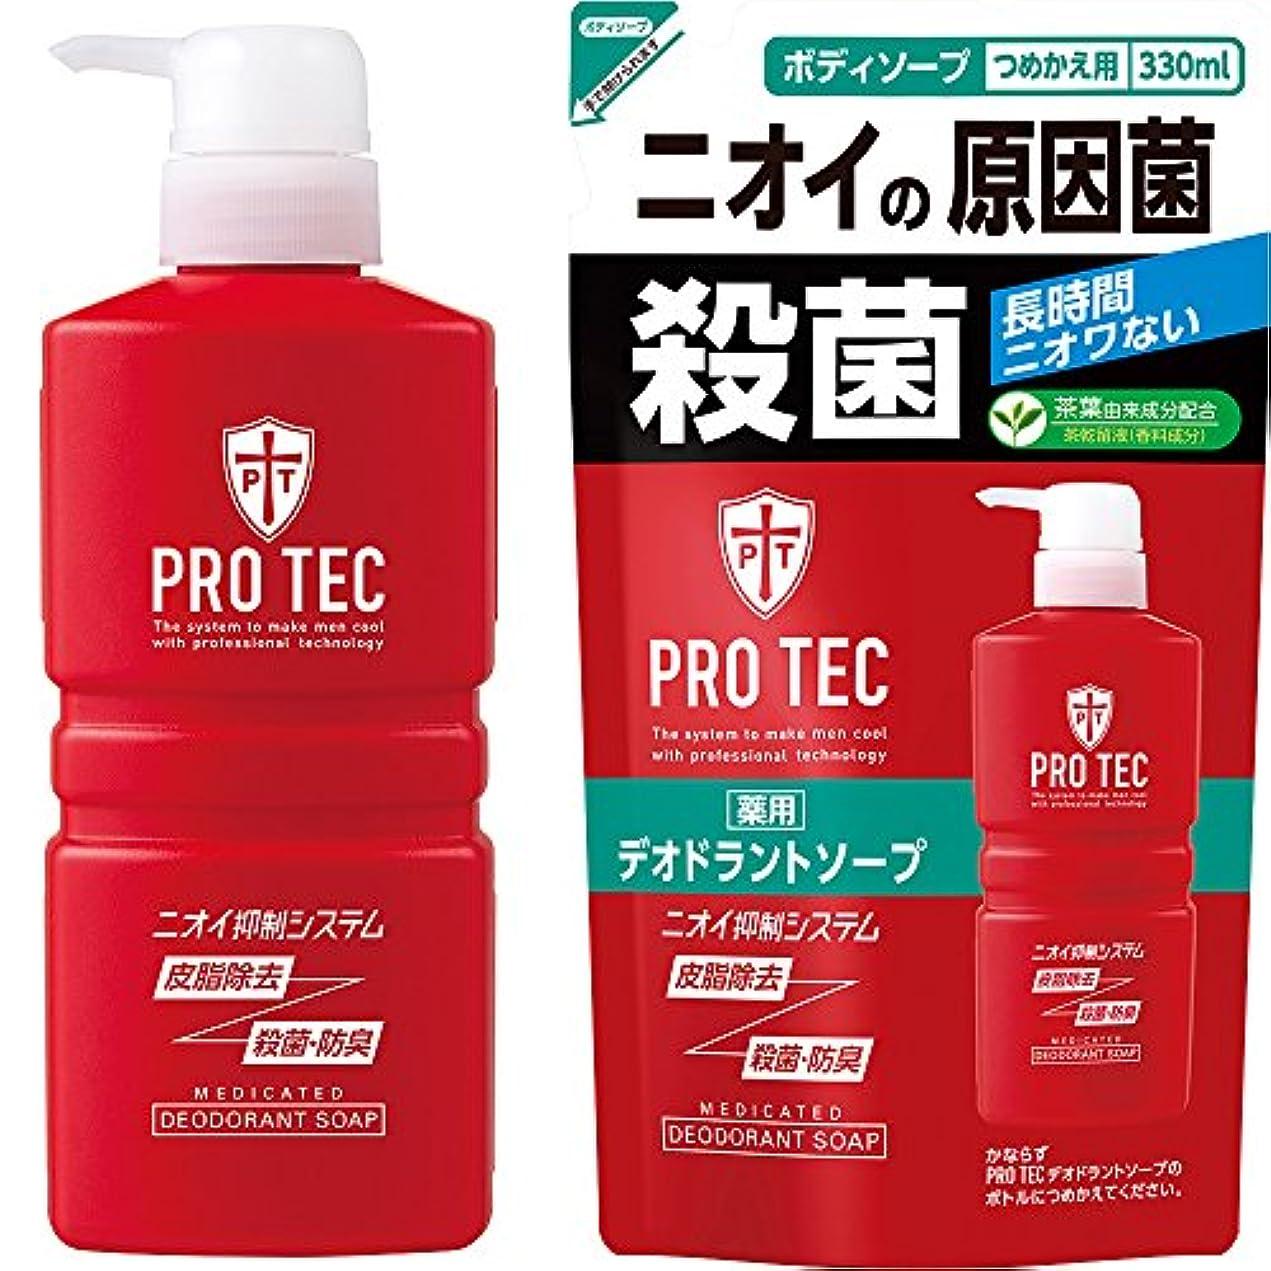 独創的カウントアップ杭PRO TEC(プロテク) デオドラントソープ ポンプ420ml+詰め替え330ml セット(医薬部外品)